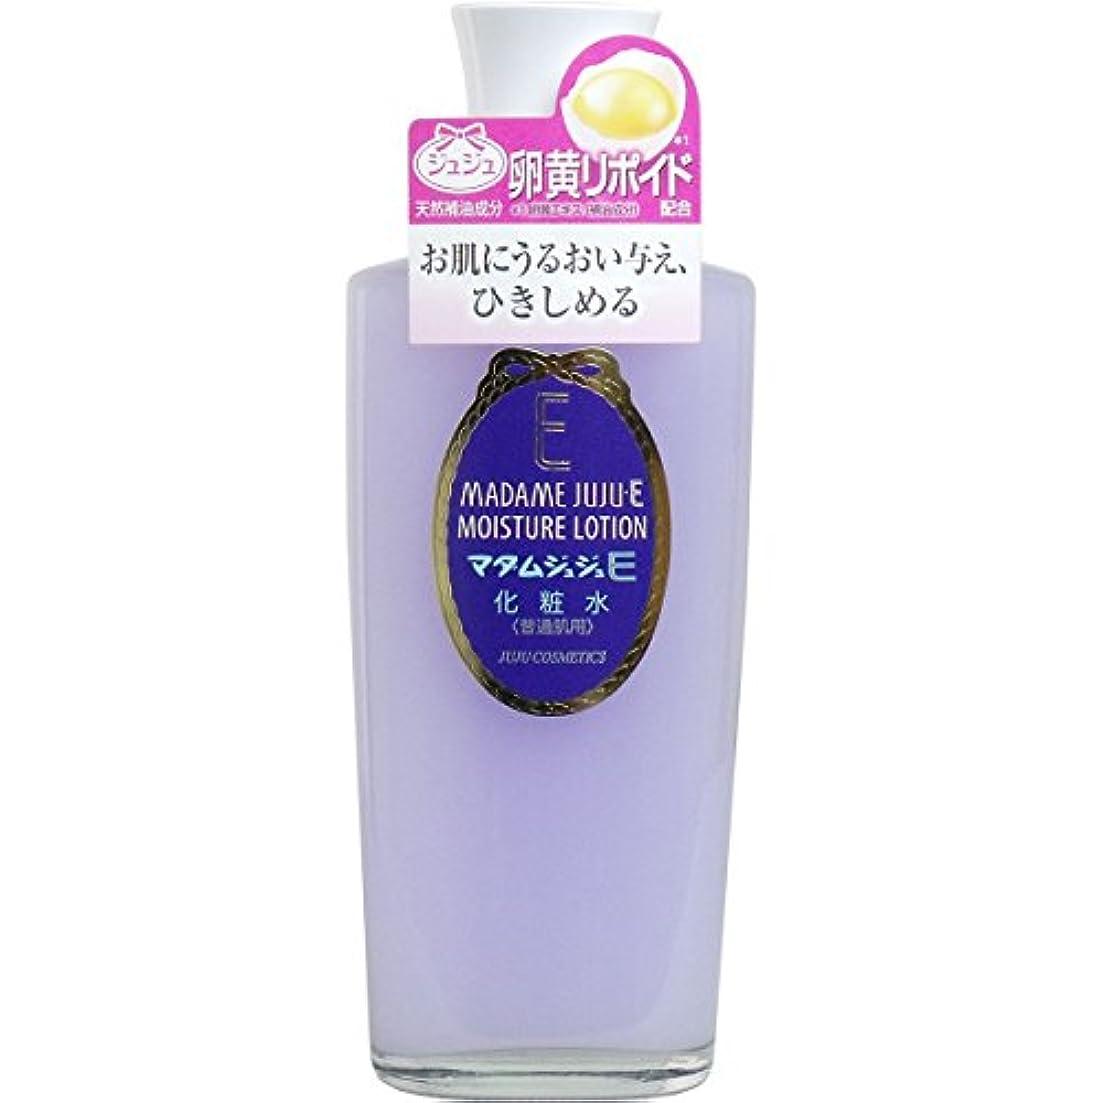 エンジンカメブレス【ジュジュ化粧品】マダムジュジュE 化粧水 150ml